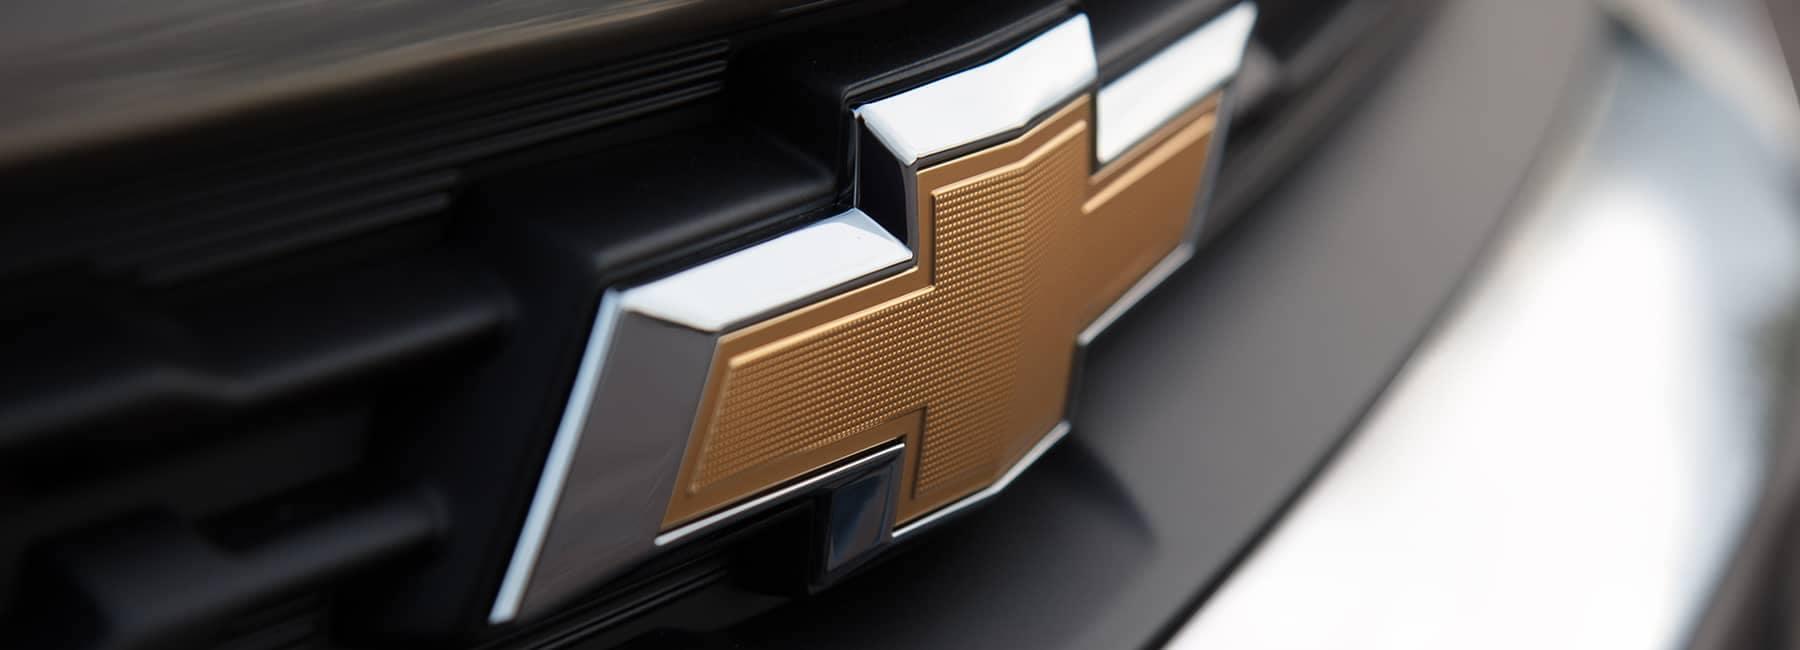 2021 Chevrolet Trailblazer Front Grille